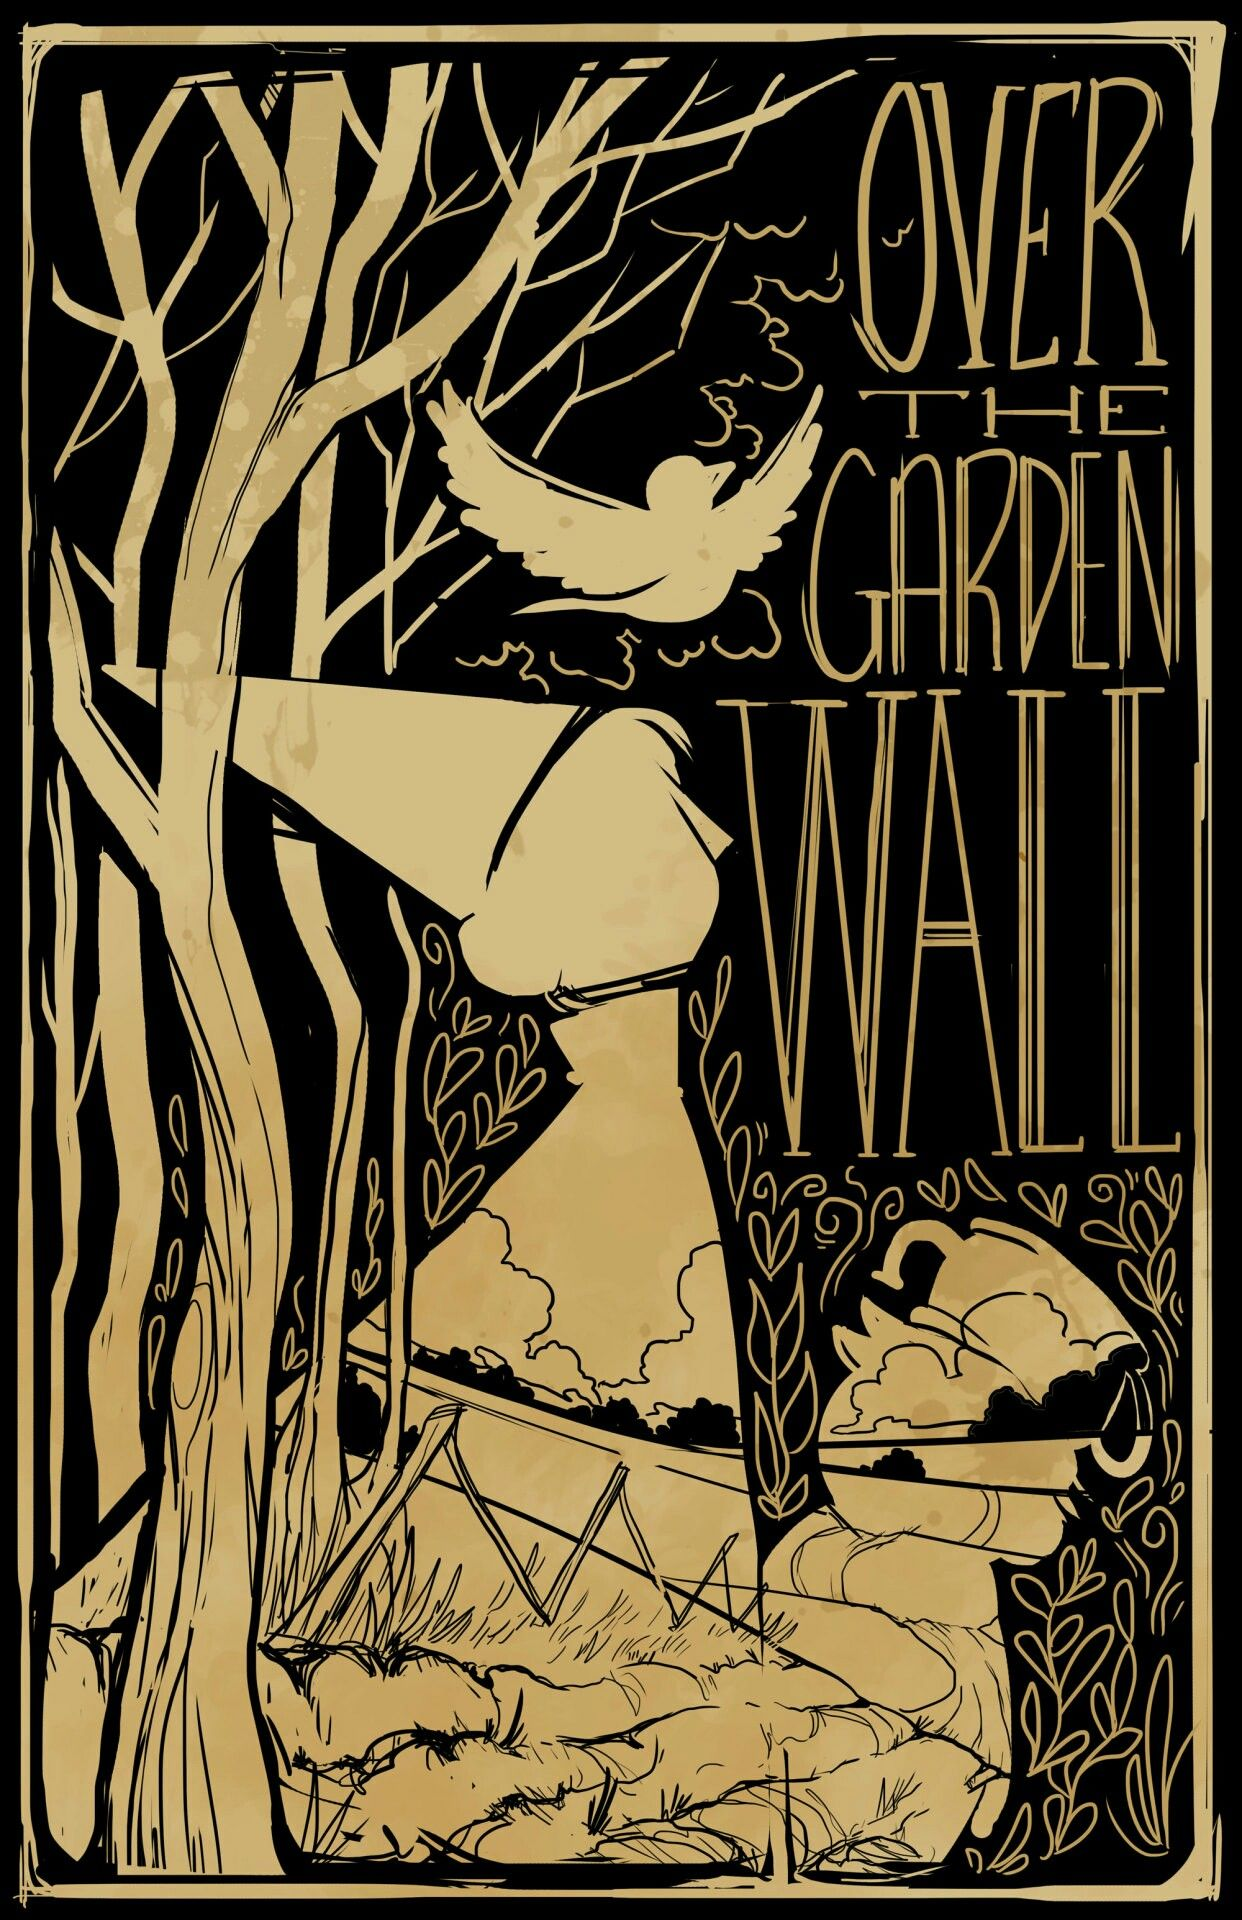 Over the Garden Wall | Over the Garden Wall | Pinterest | Walls ...